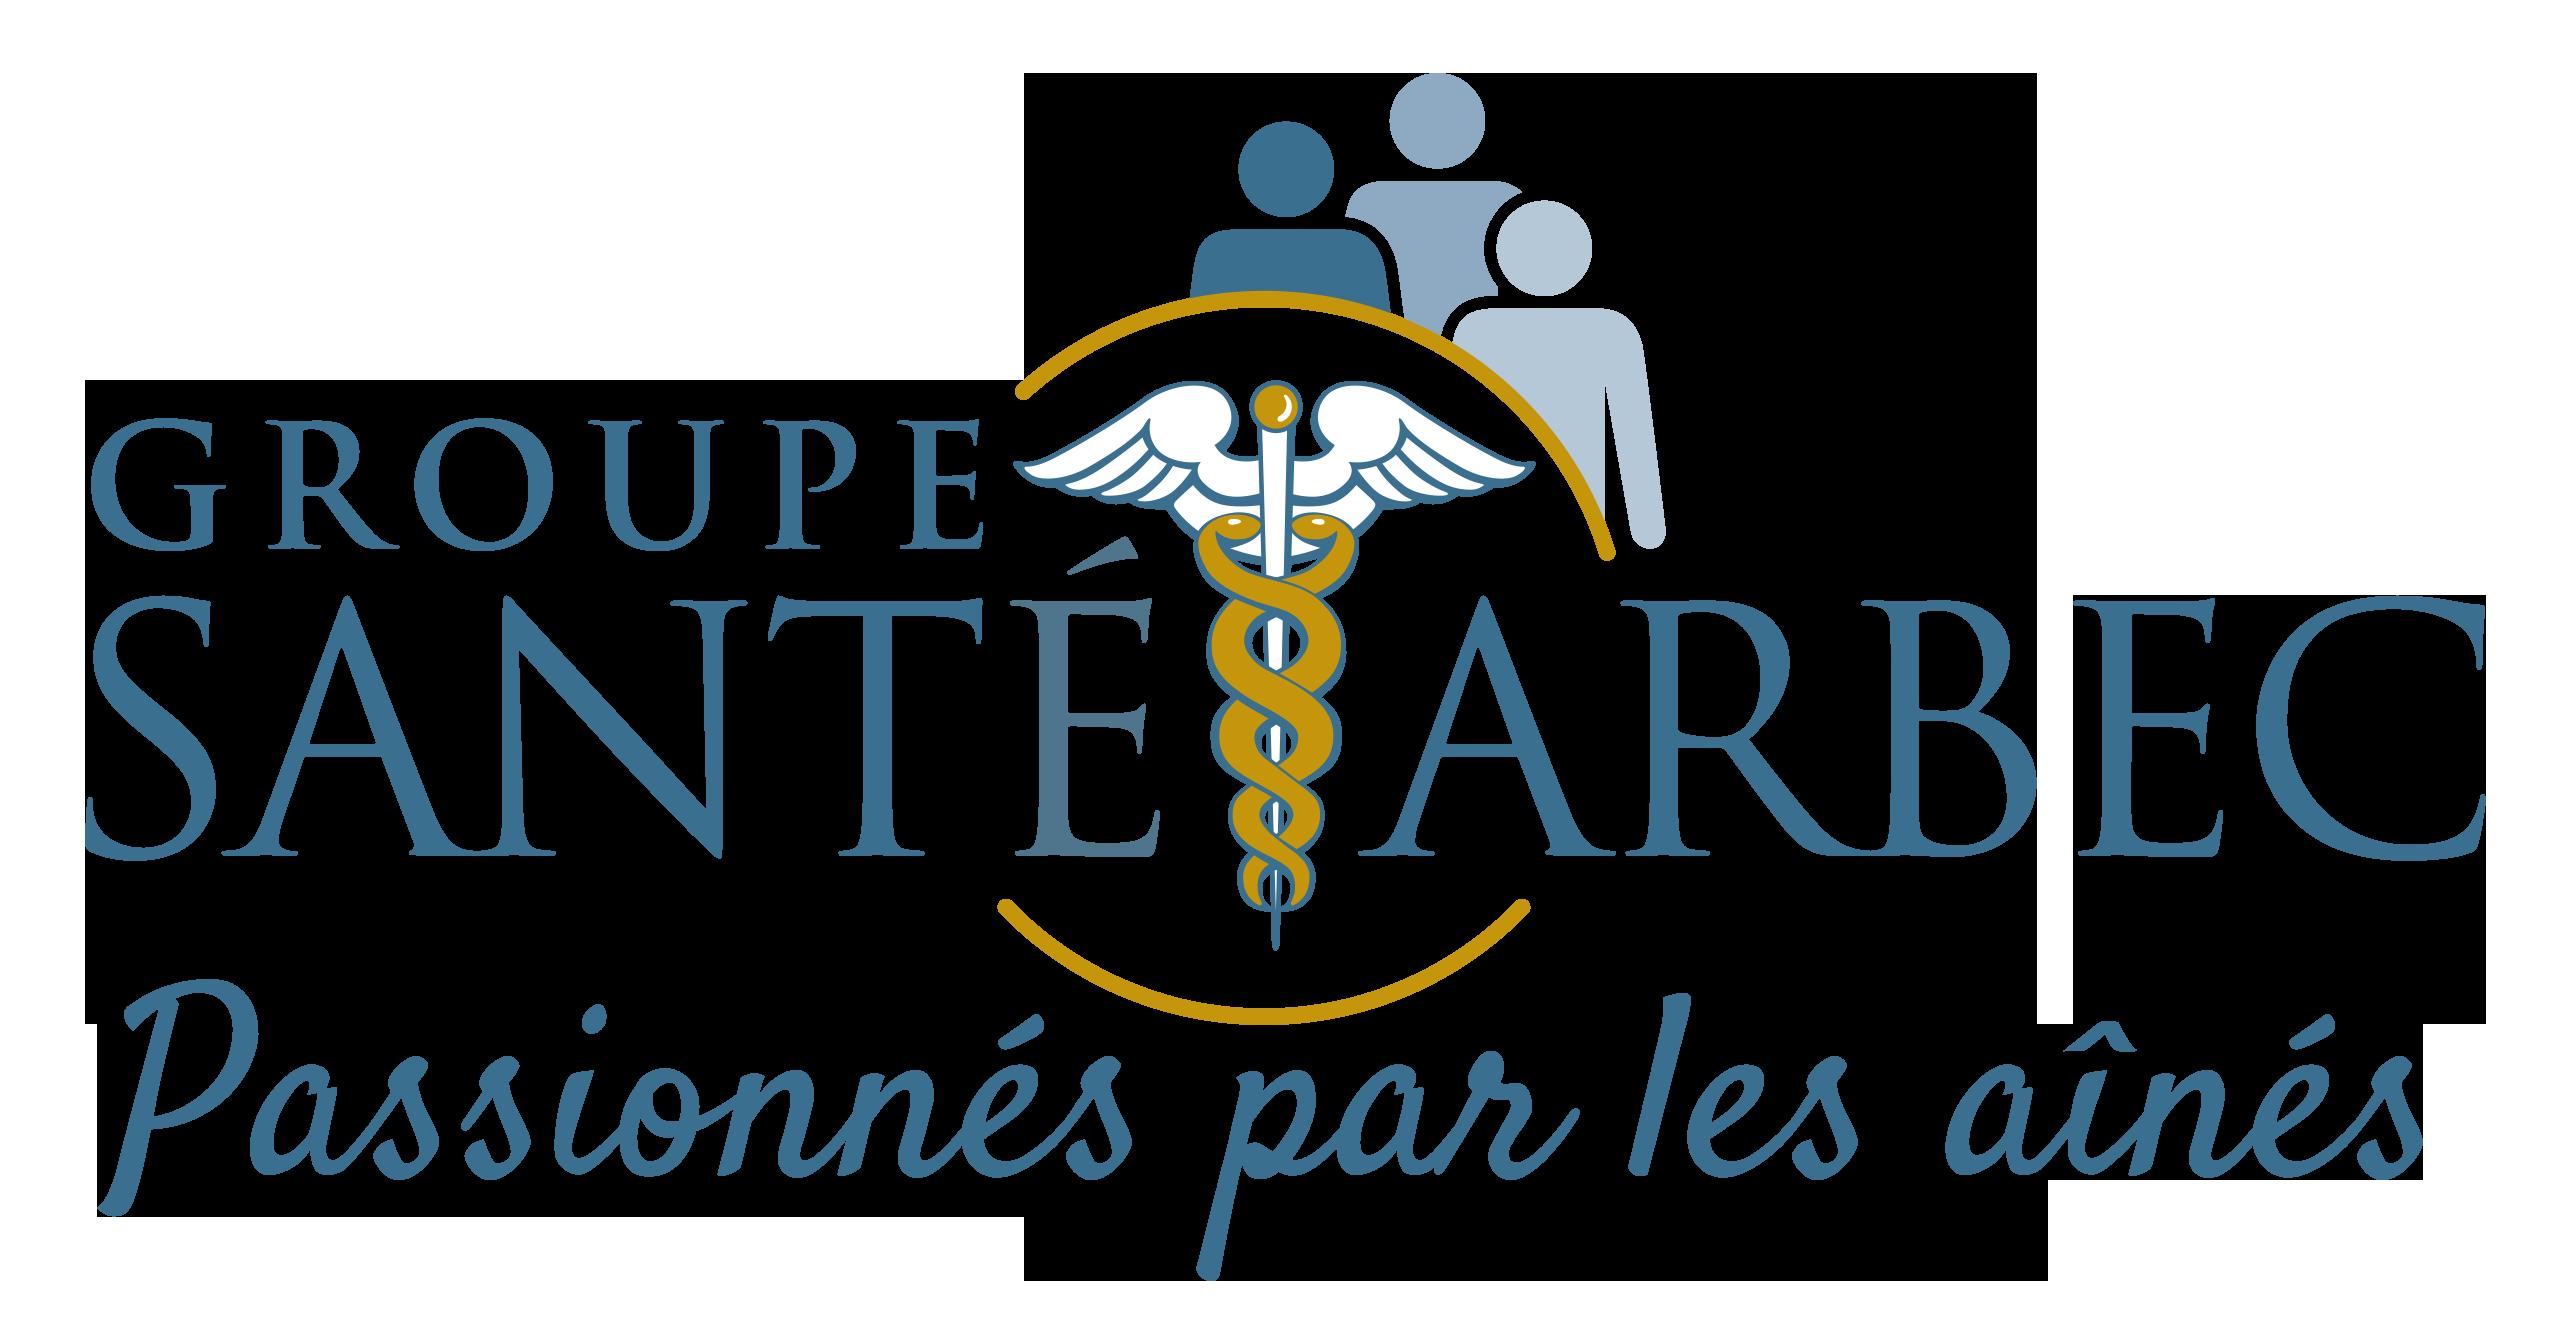 Groupe santé Arbec (Saint-Jérôme)